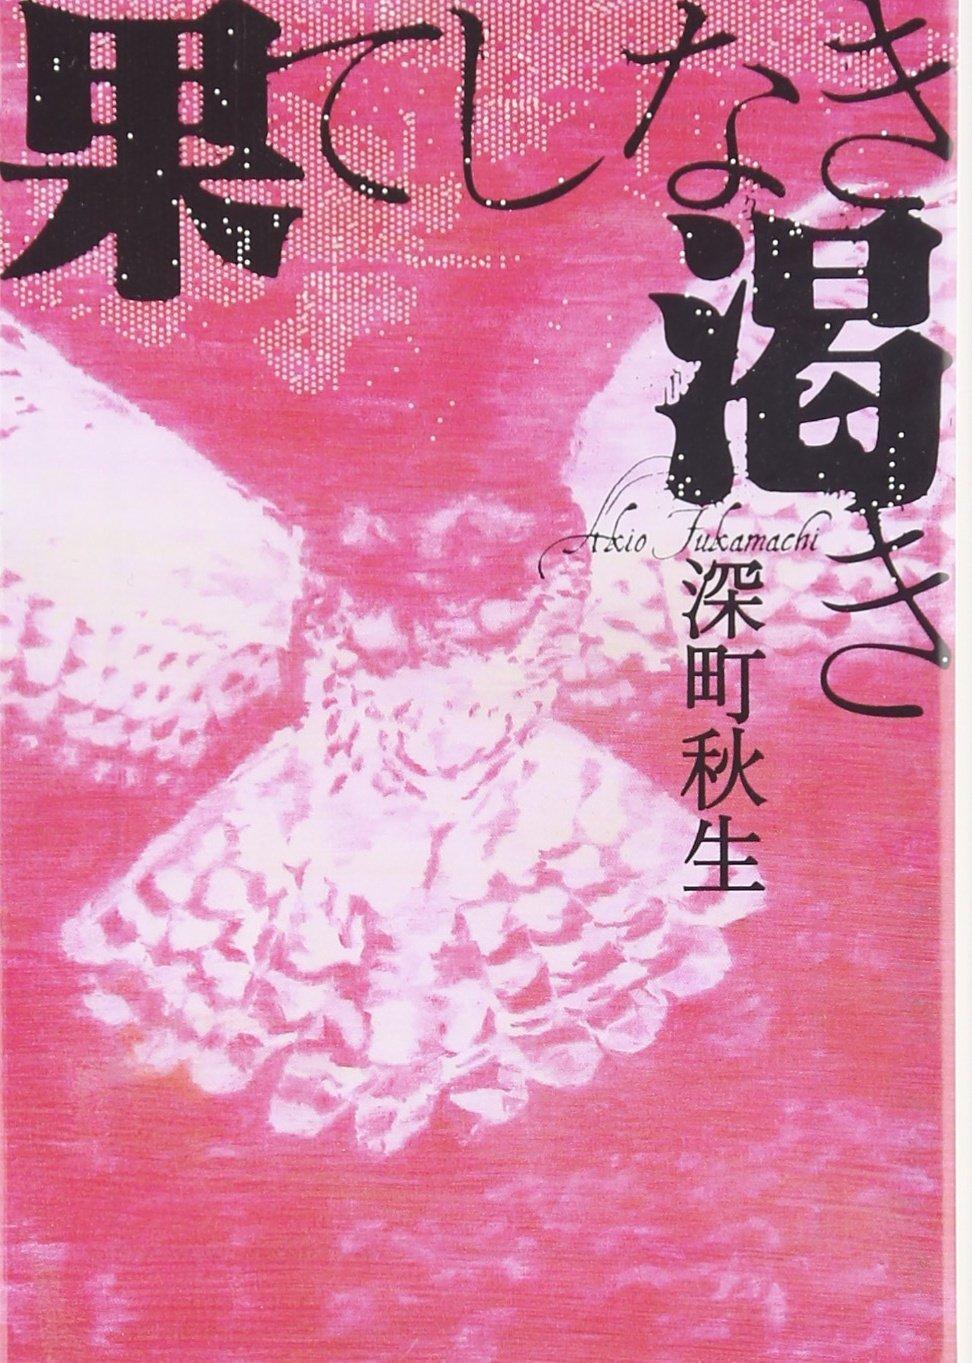 果てしなき渇き (宝島社文庫) | ...